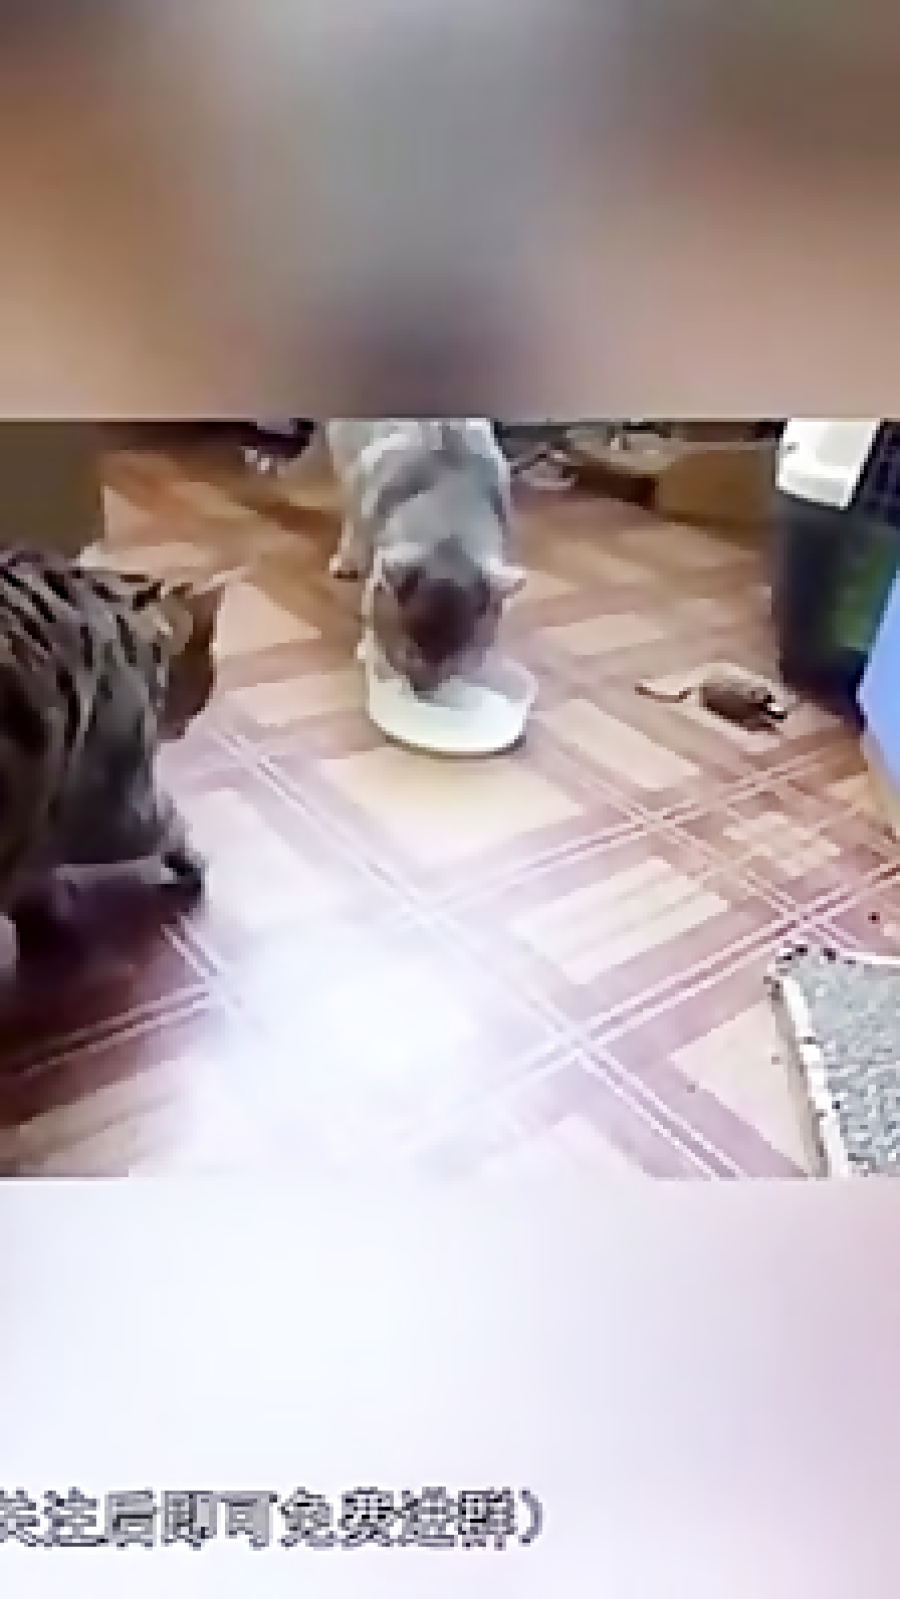 محبت حیوانات ب یکدیگر:)